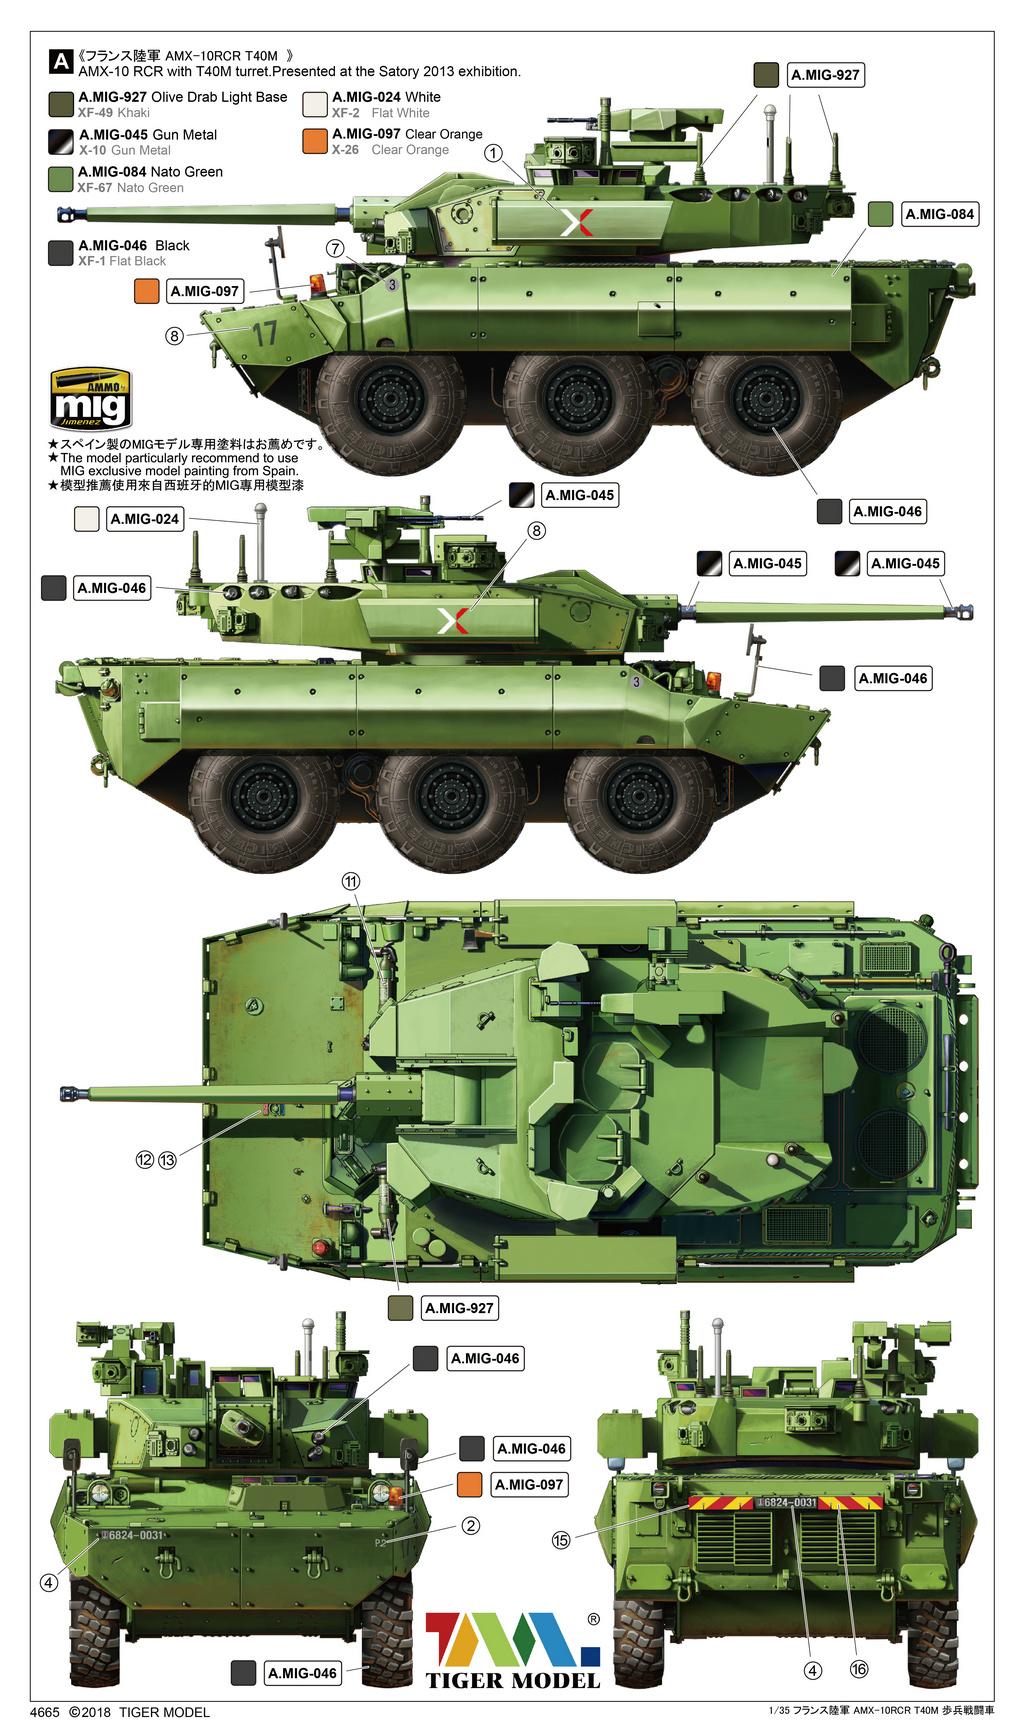 Tiger Model Nexter T40 Ifv - Tiger Model - Scale 1/35 - TIGE4665